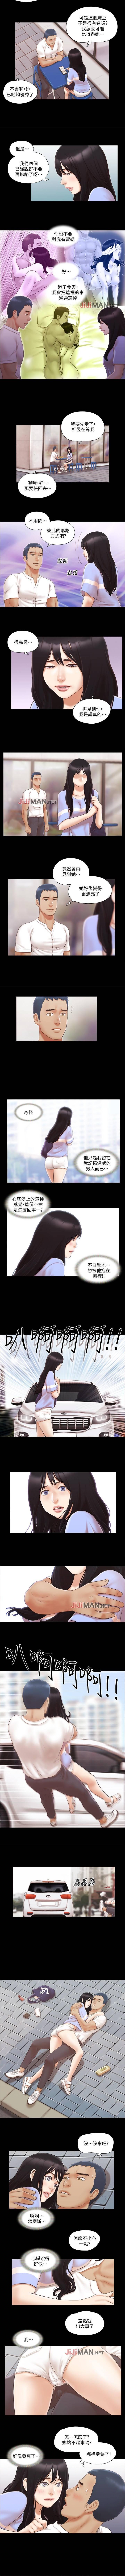 【周五连载】协议换爱(作者:遠德) 第1~62话 64